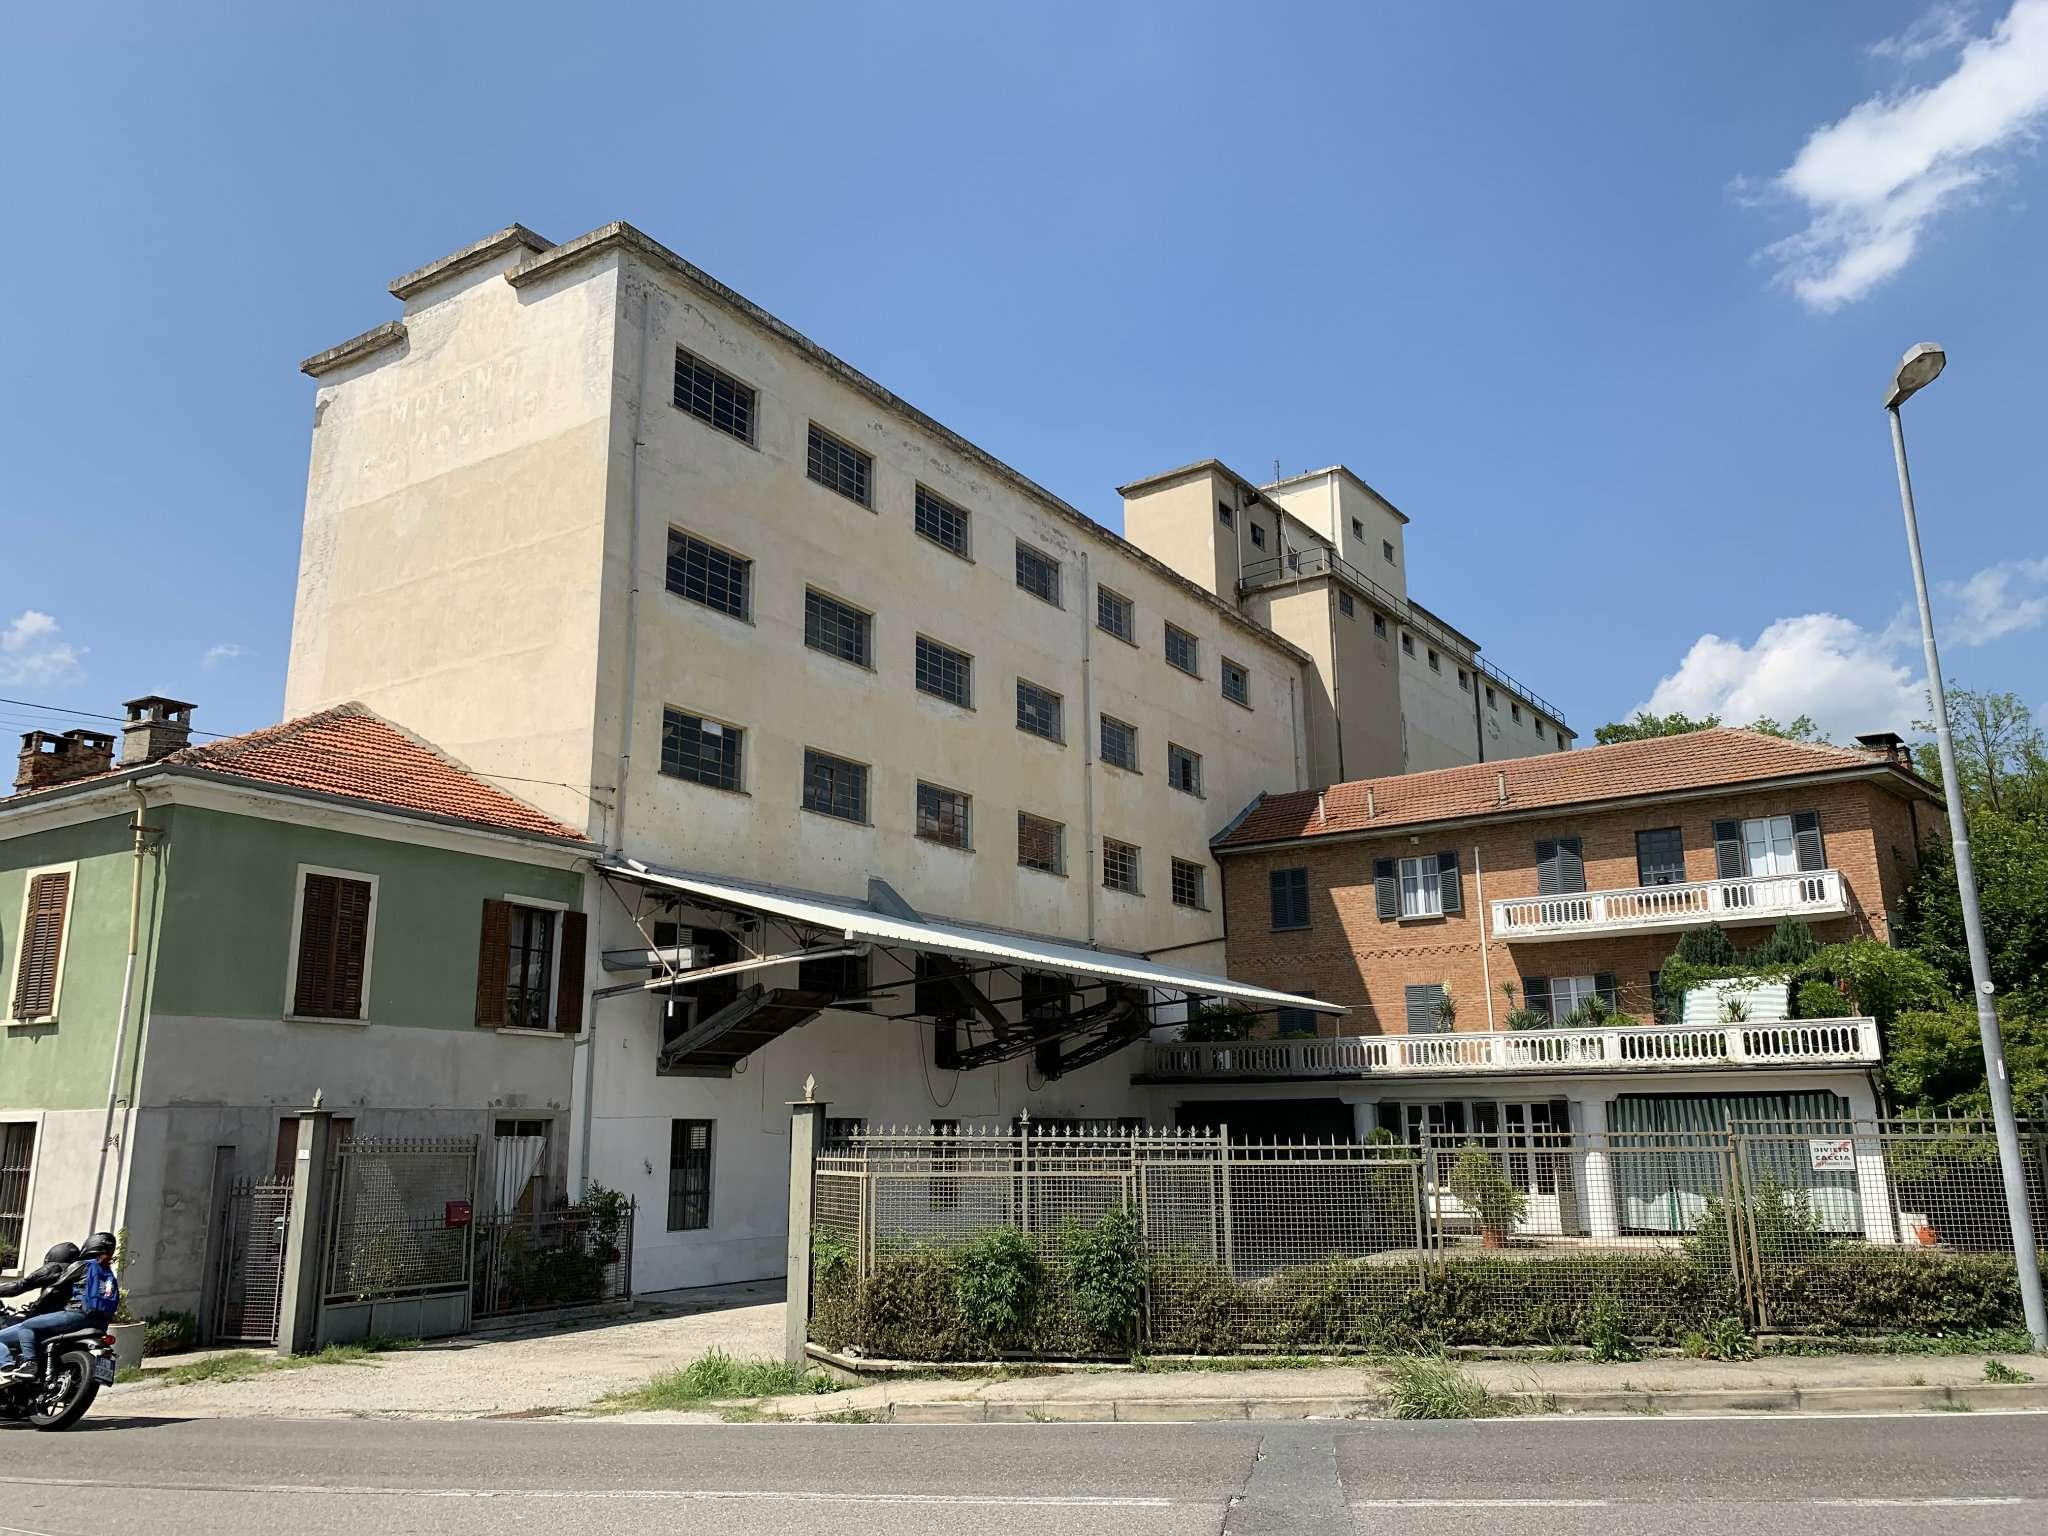 Capannone in vendita a Piovà Massaia, 10 locali, prezzo € 500.000 | PortaleAgenzieImmobiliari.it